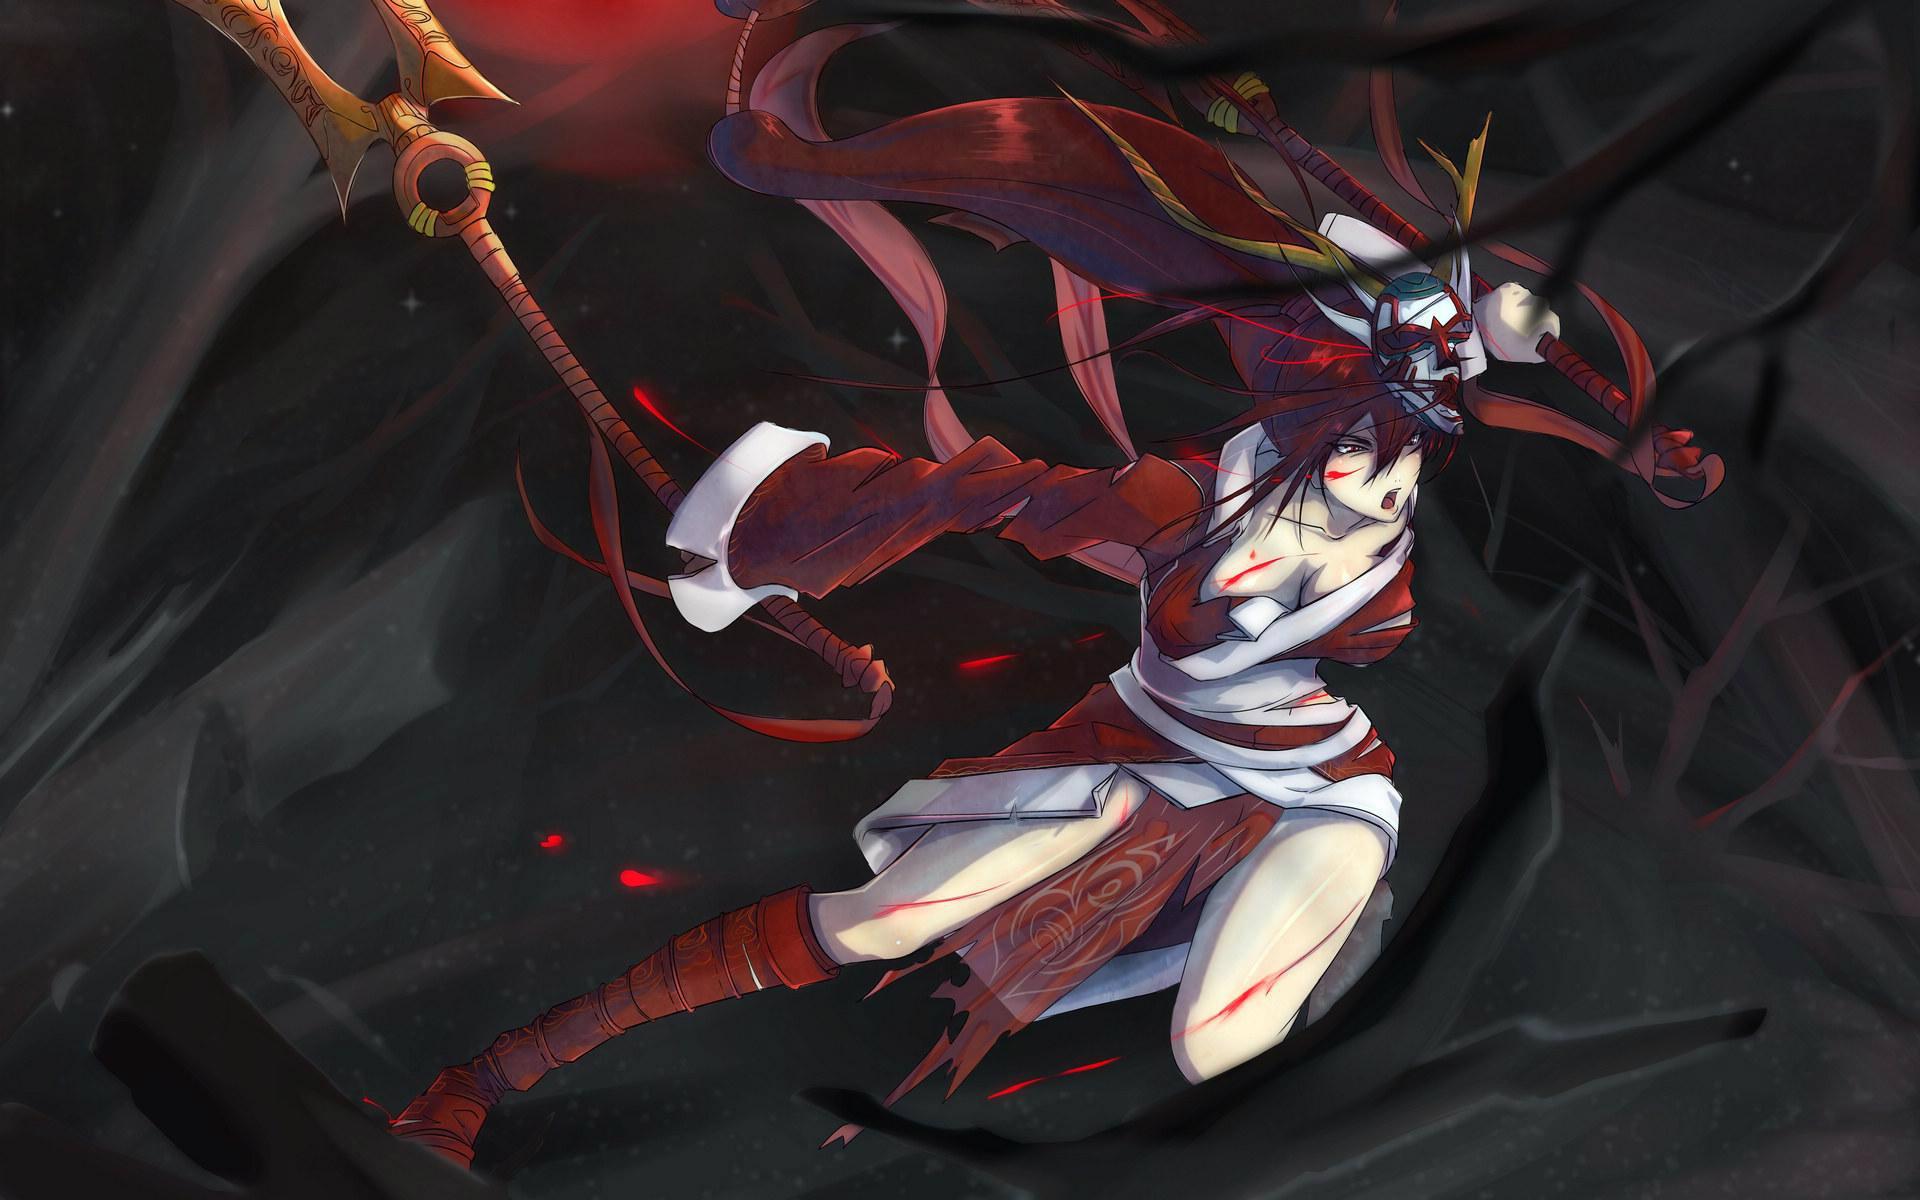 腥红之月鬼舞姬阿卡丽_Game234游戏网腥红之月鬼舞姬阿卡丽专...